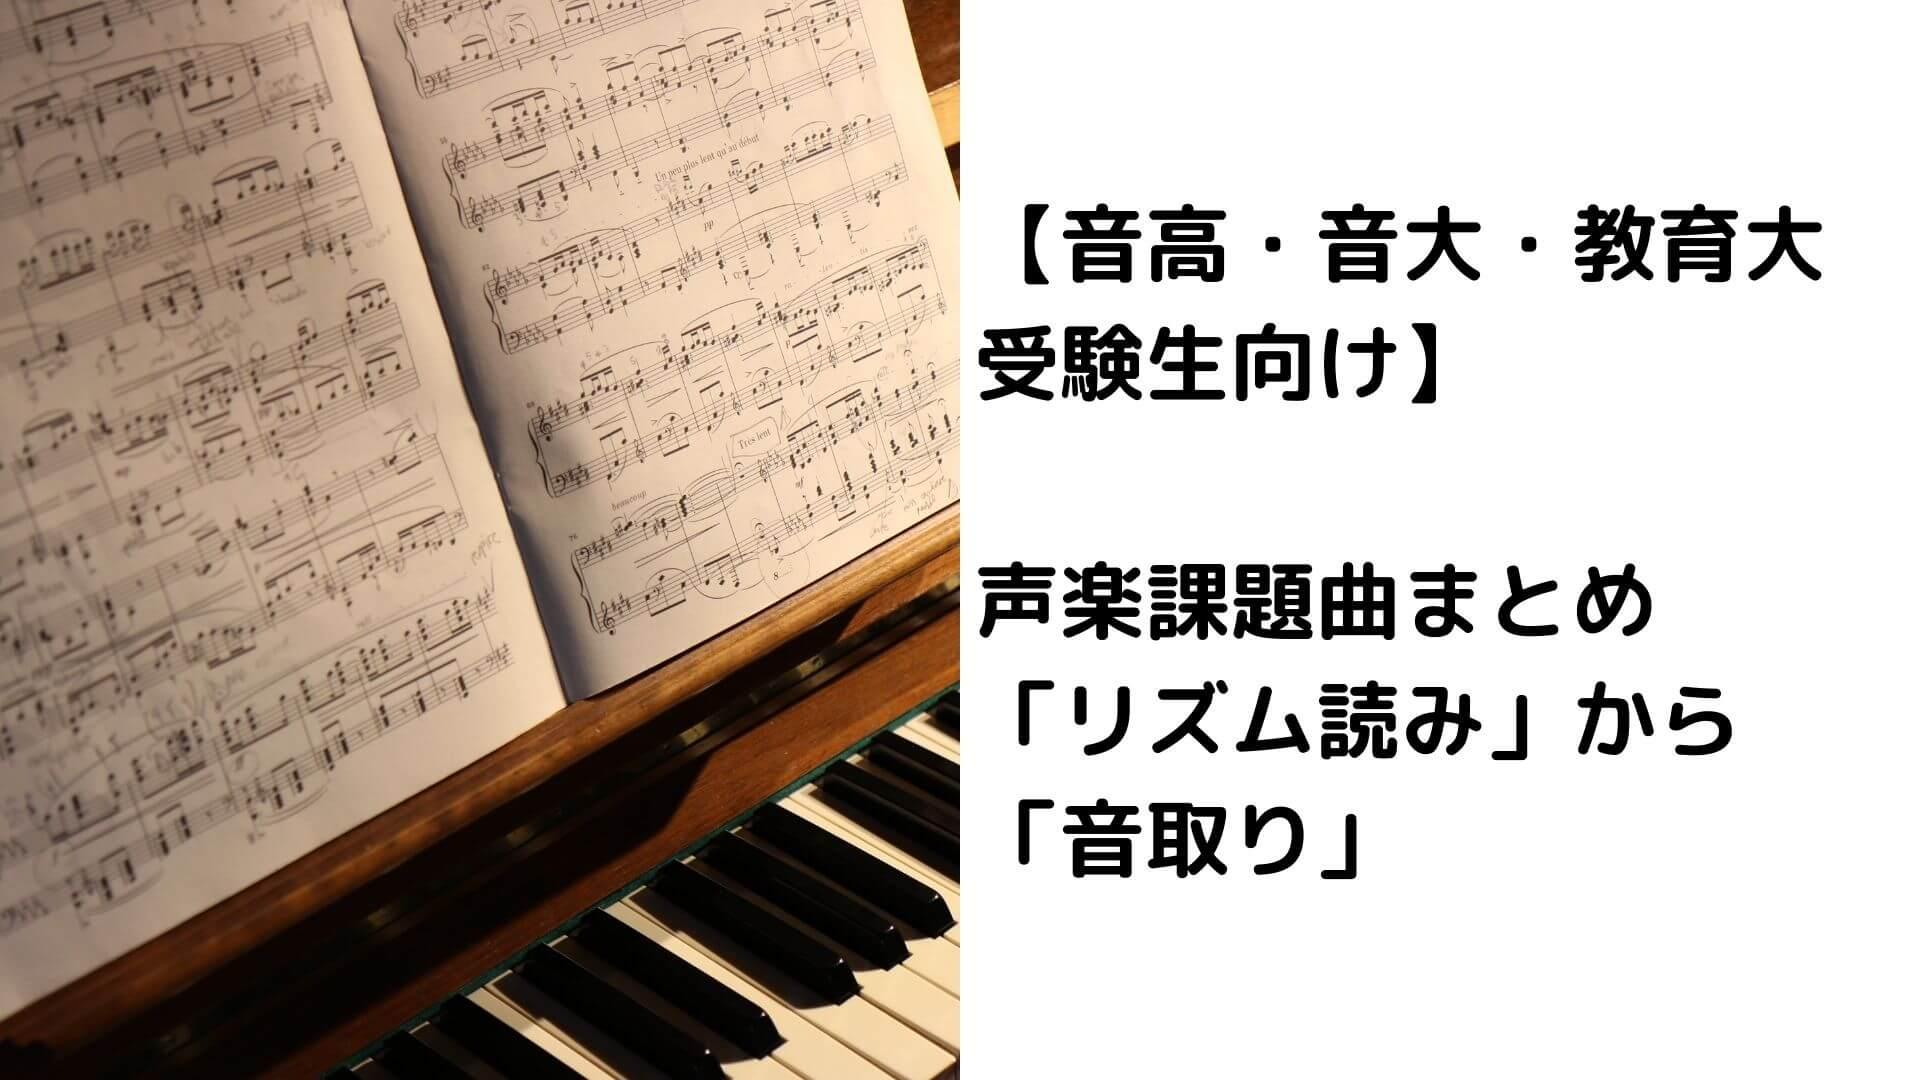 【音高・音大・教育大受験生向け】声楽課題曲まとめ 「リズム読み」から「音取り」